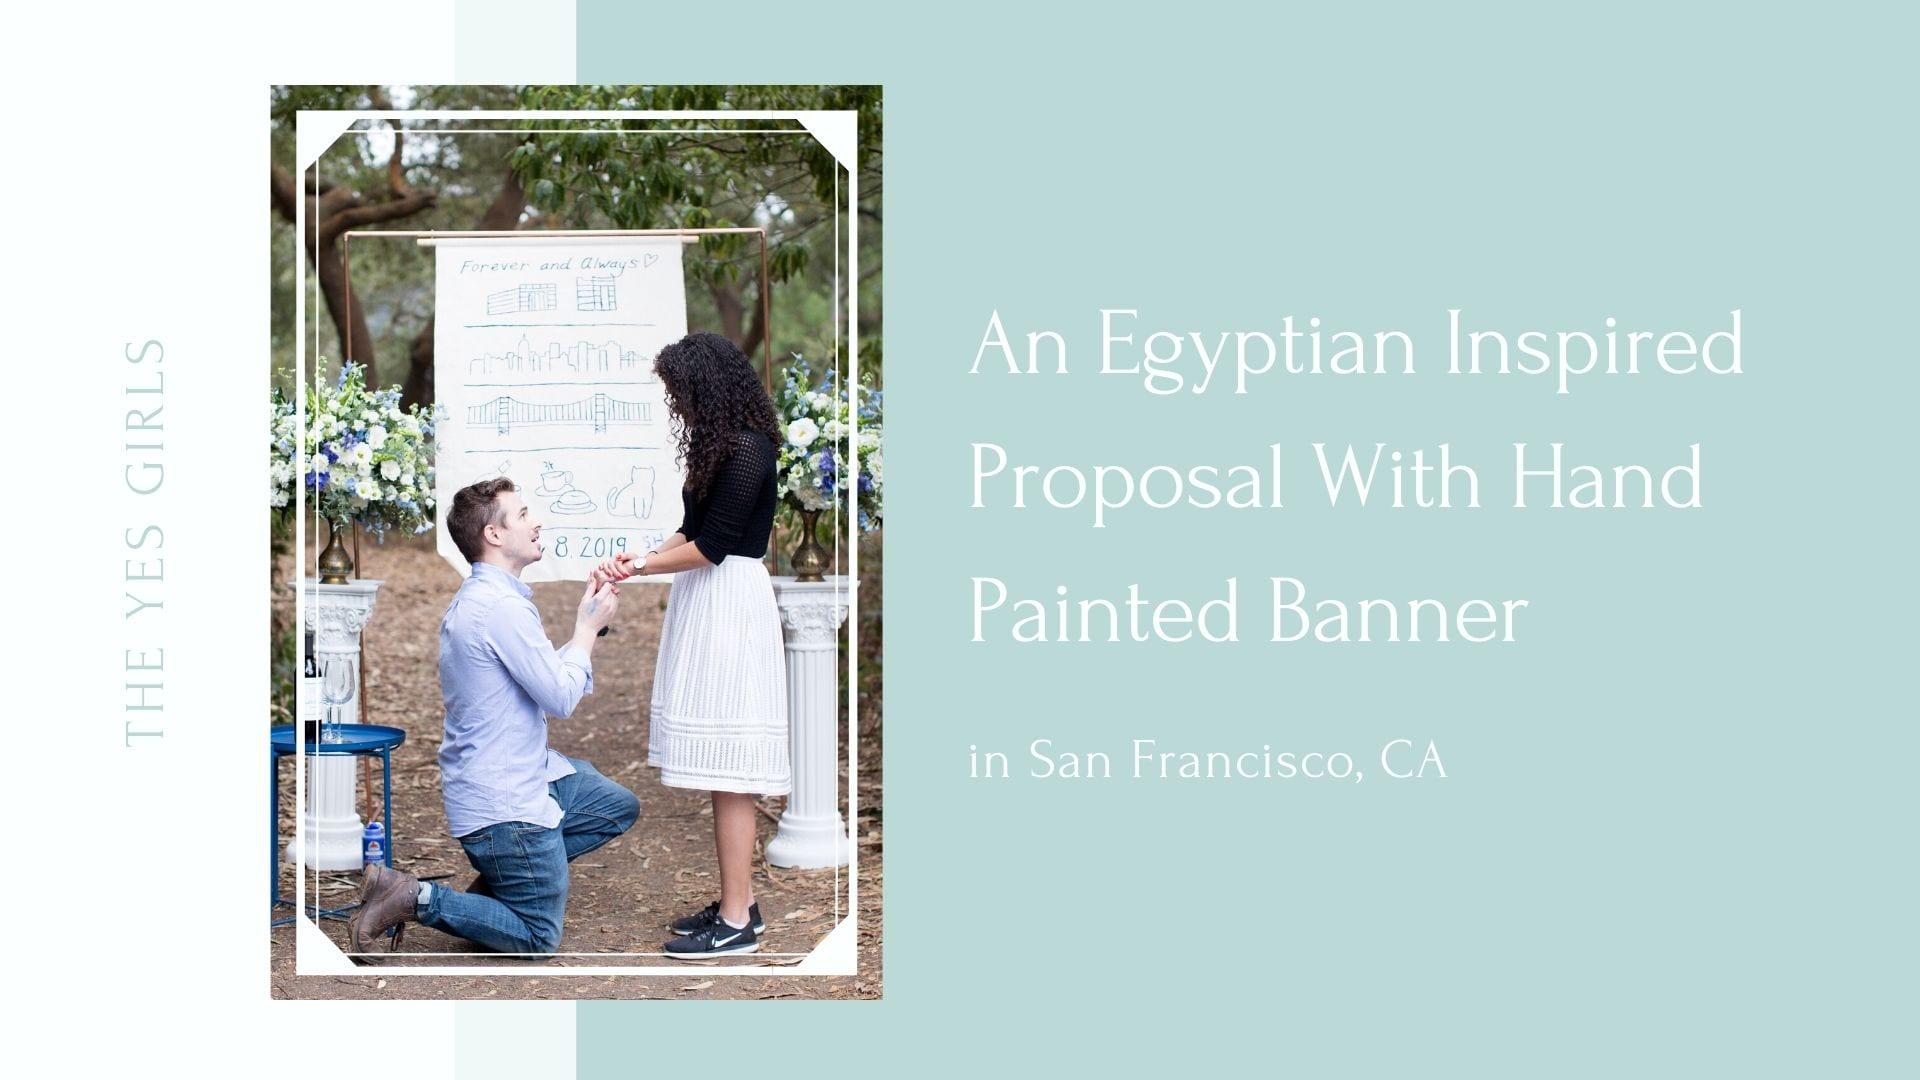 Man proposing in san francisco